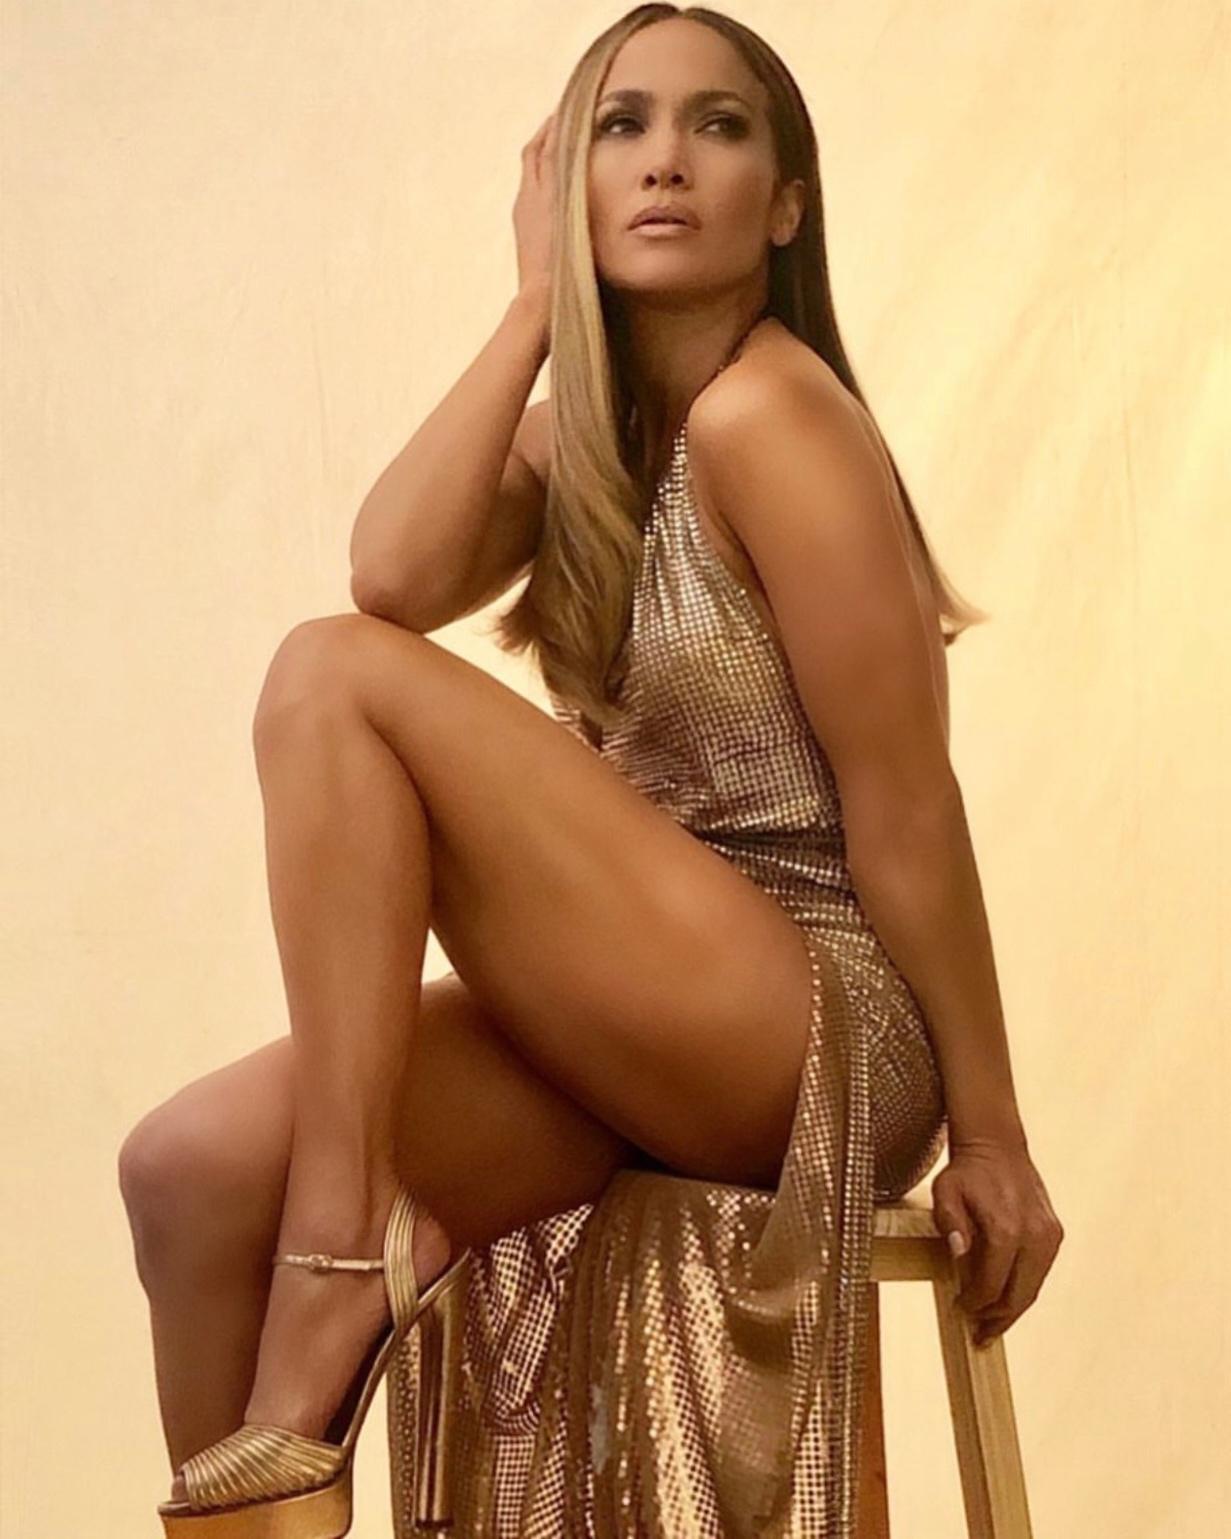 Η Jennifer Lopez φόρεσε Celia Kritharioti και ήταν απλά εκθαμβωτική